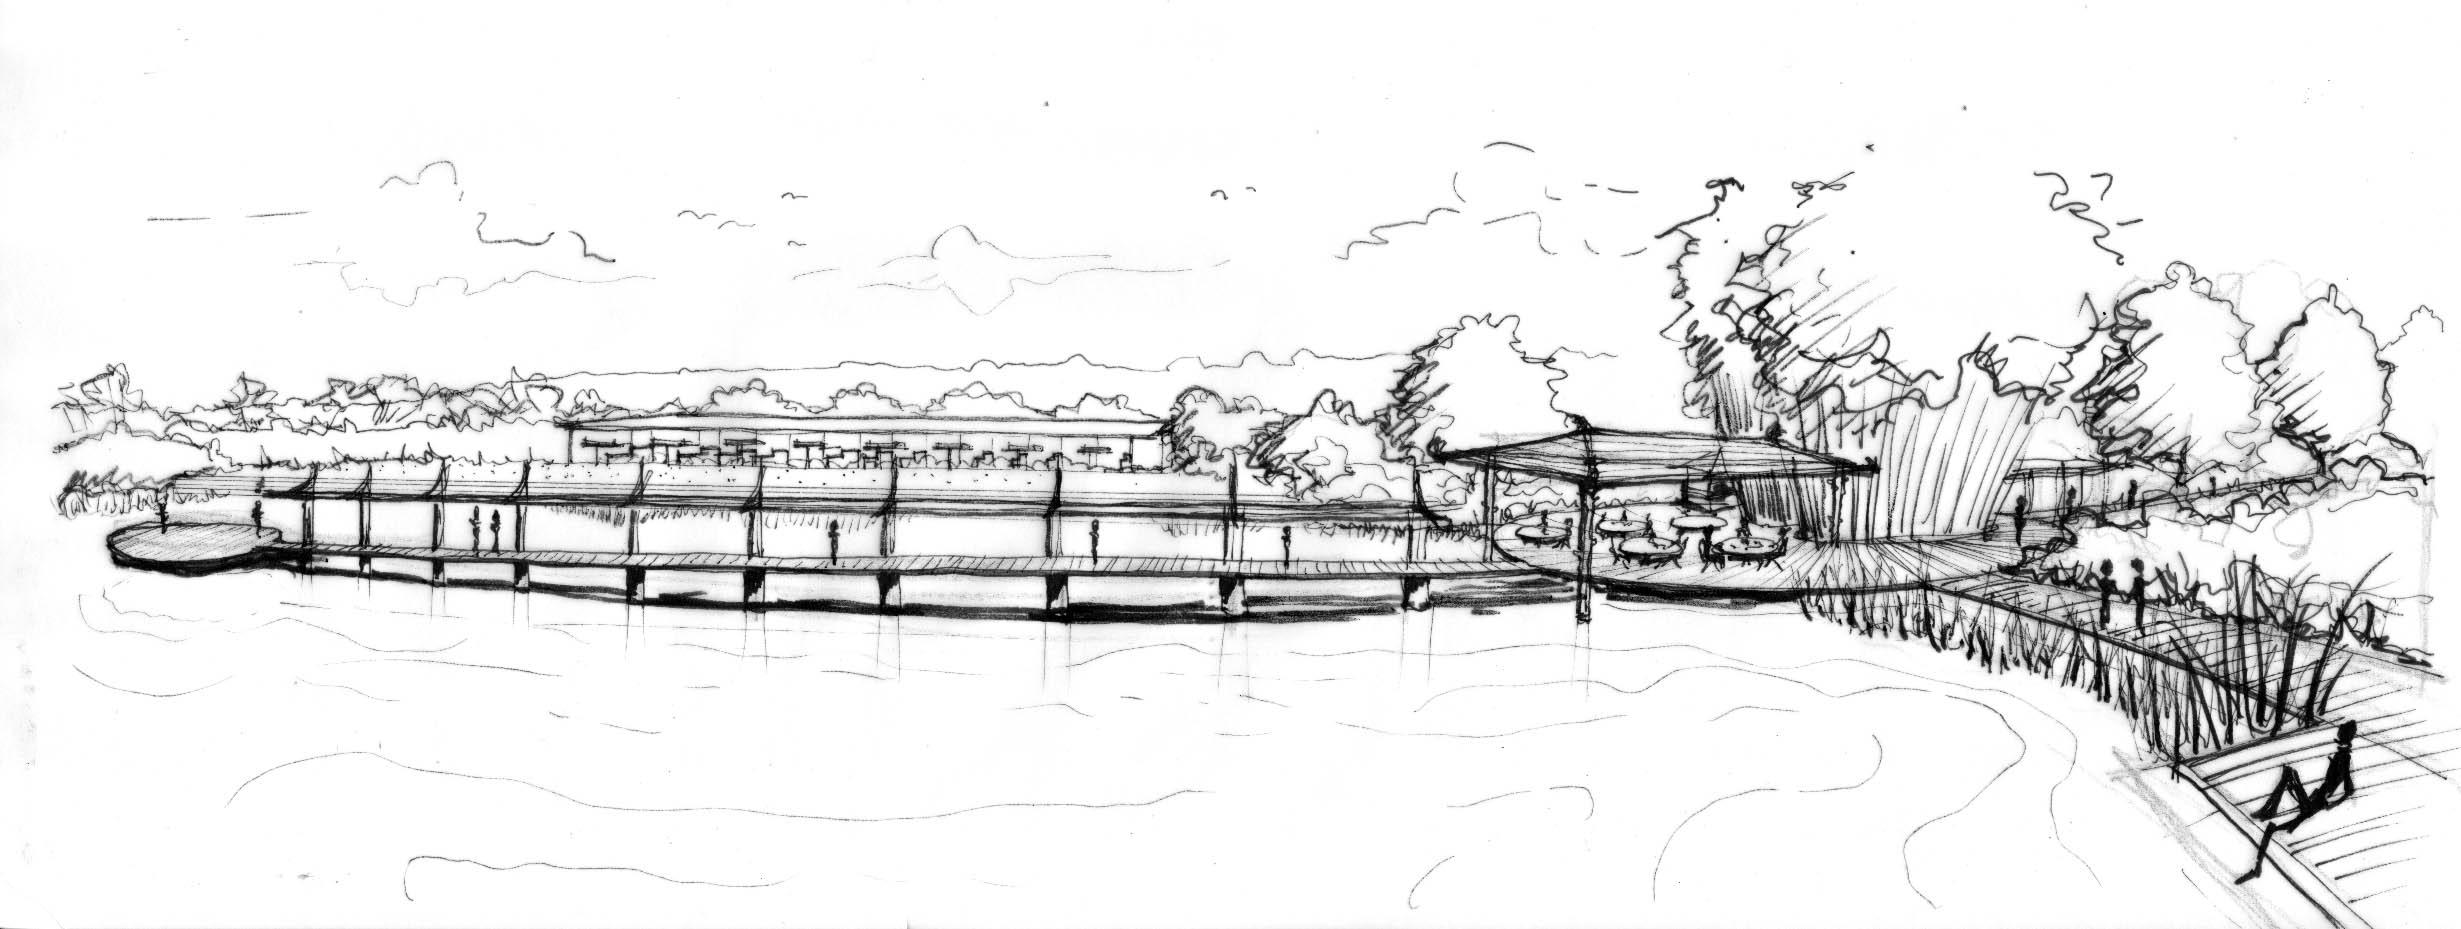 lake cafe sketch may 07.jpg